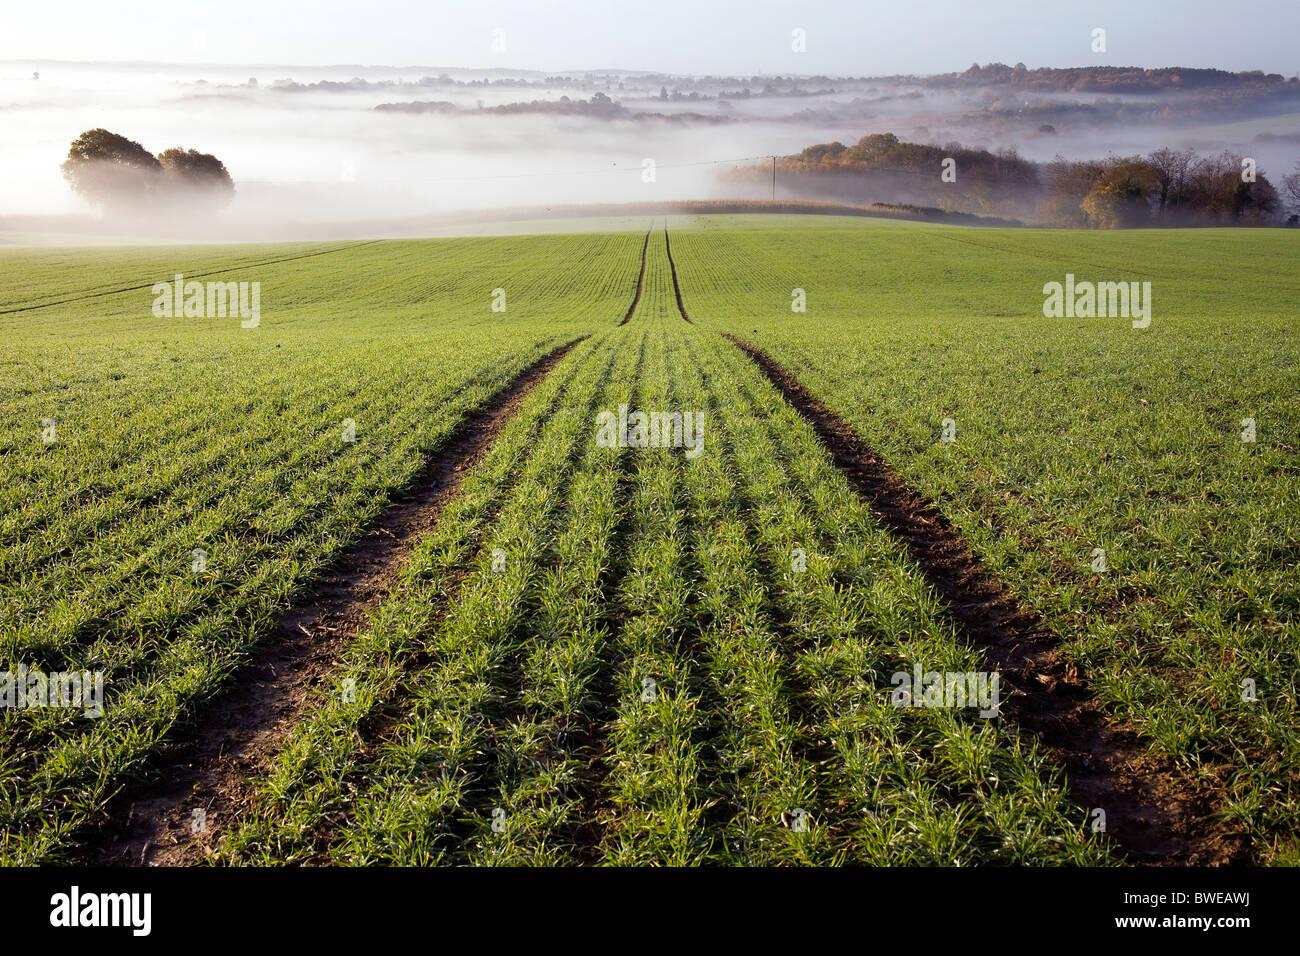 Misty mañana vista de Chorlitejo campiña recientemente plantados con campo de trigo de invierno en otoño valle Kent UK Foto de stock